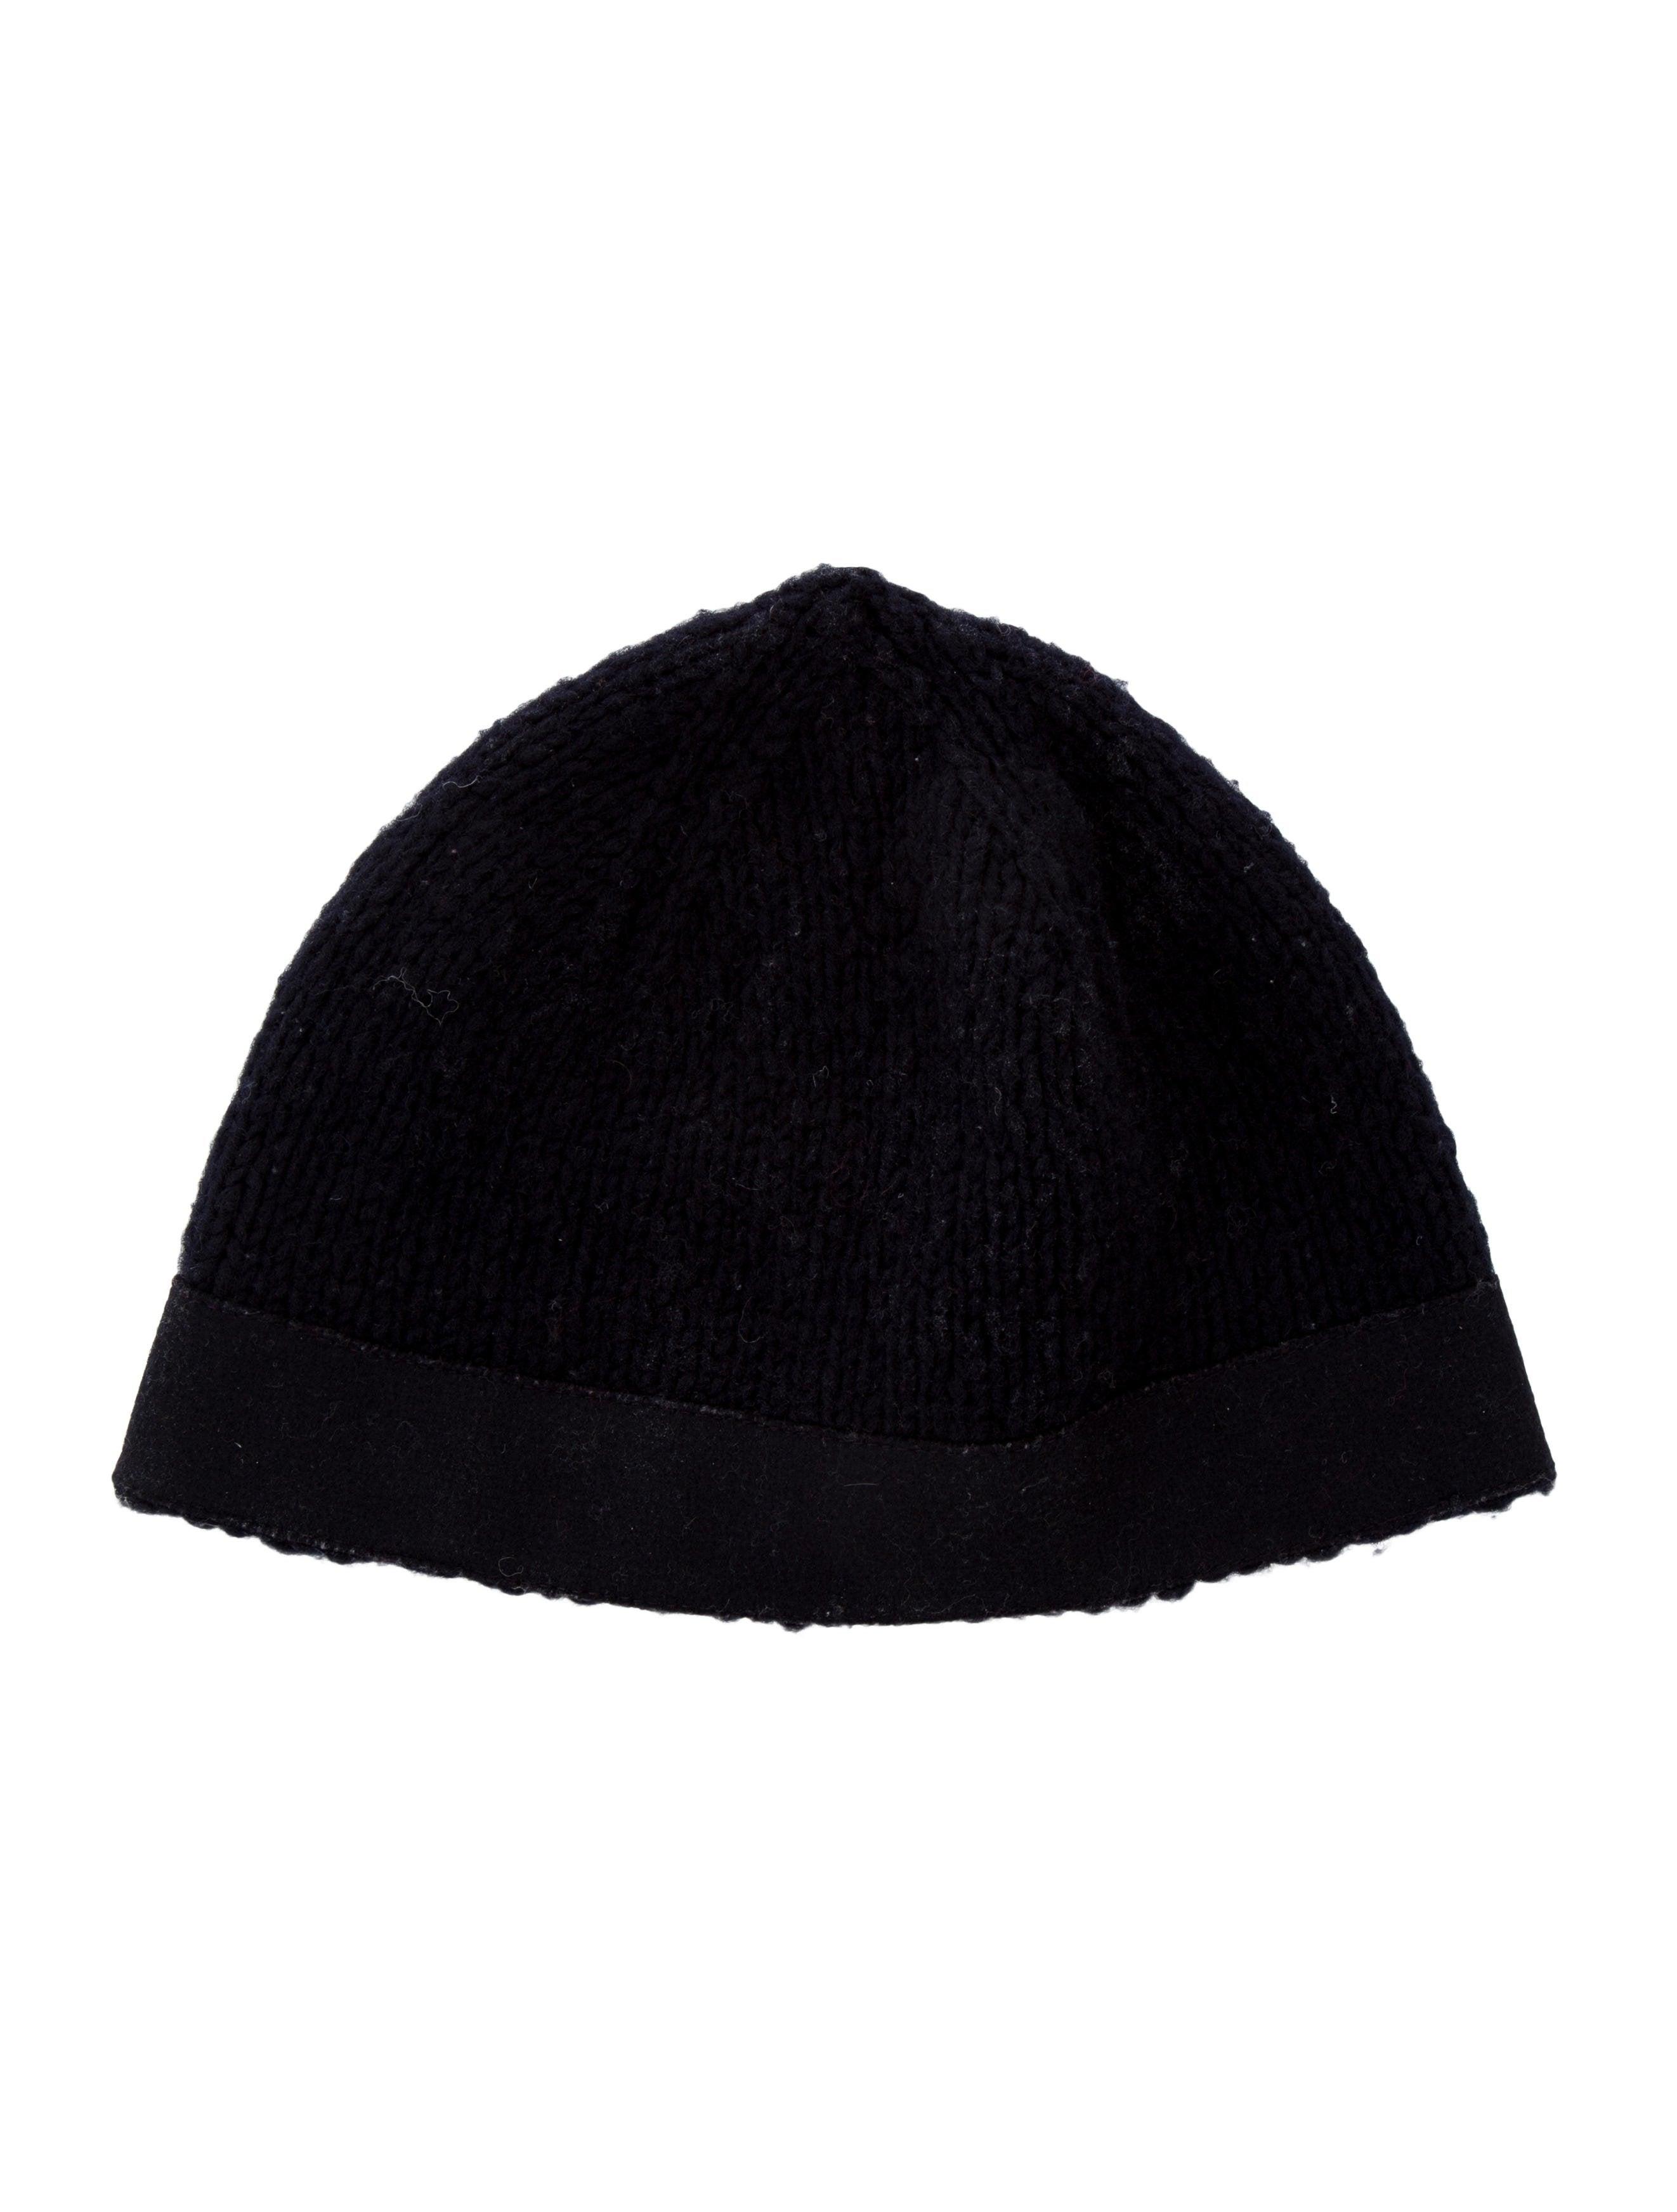 Miu Miu Wool Rib Knit Beanie - Accessories - MIU62216  60dbf5d1bc7